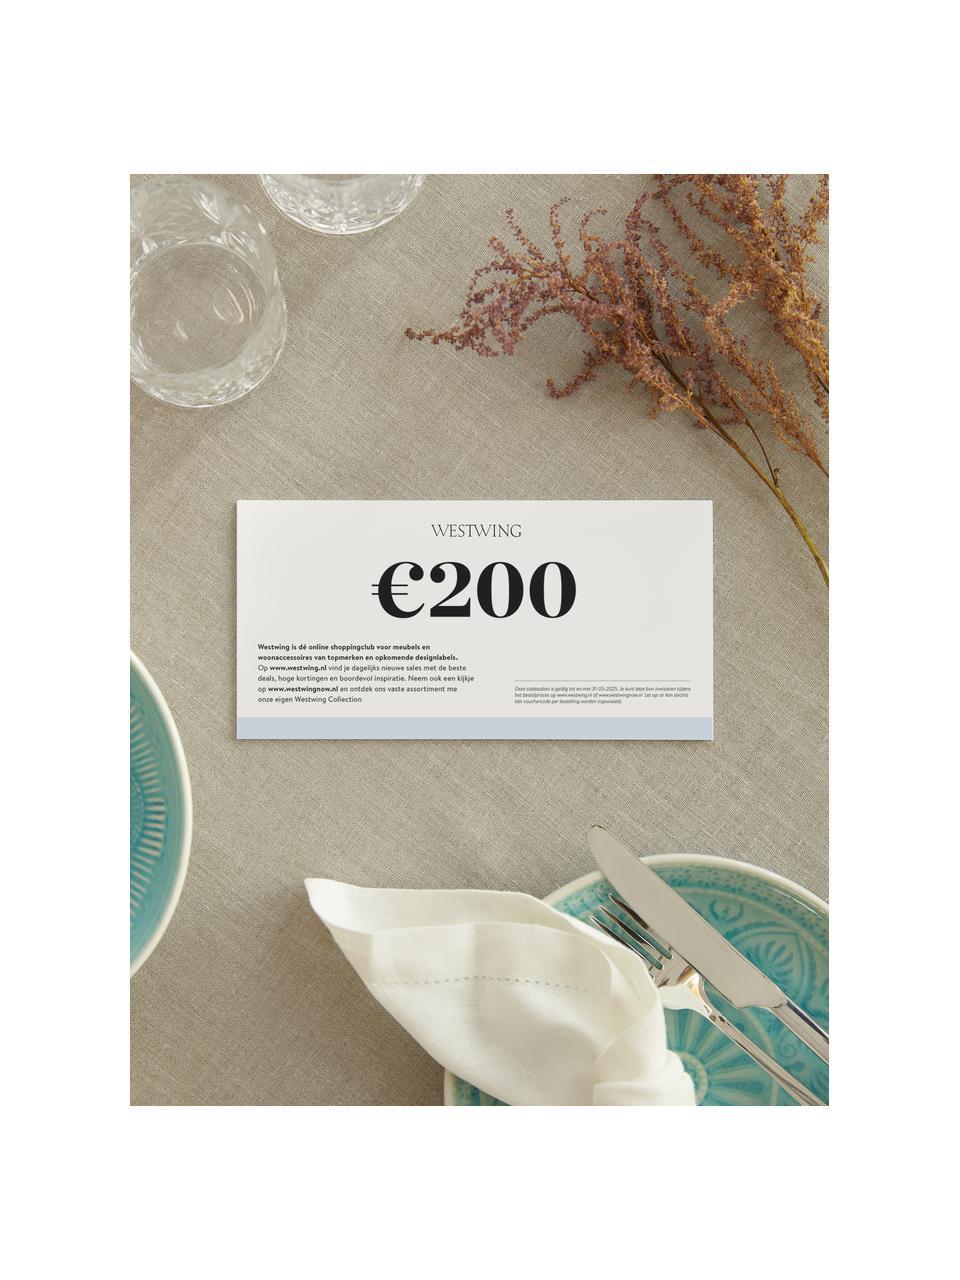 Cadeaubon, Cadeaubon op hoogwaardig papier., Wit, 200